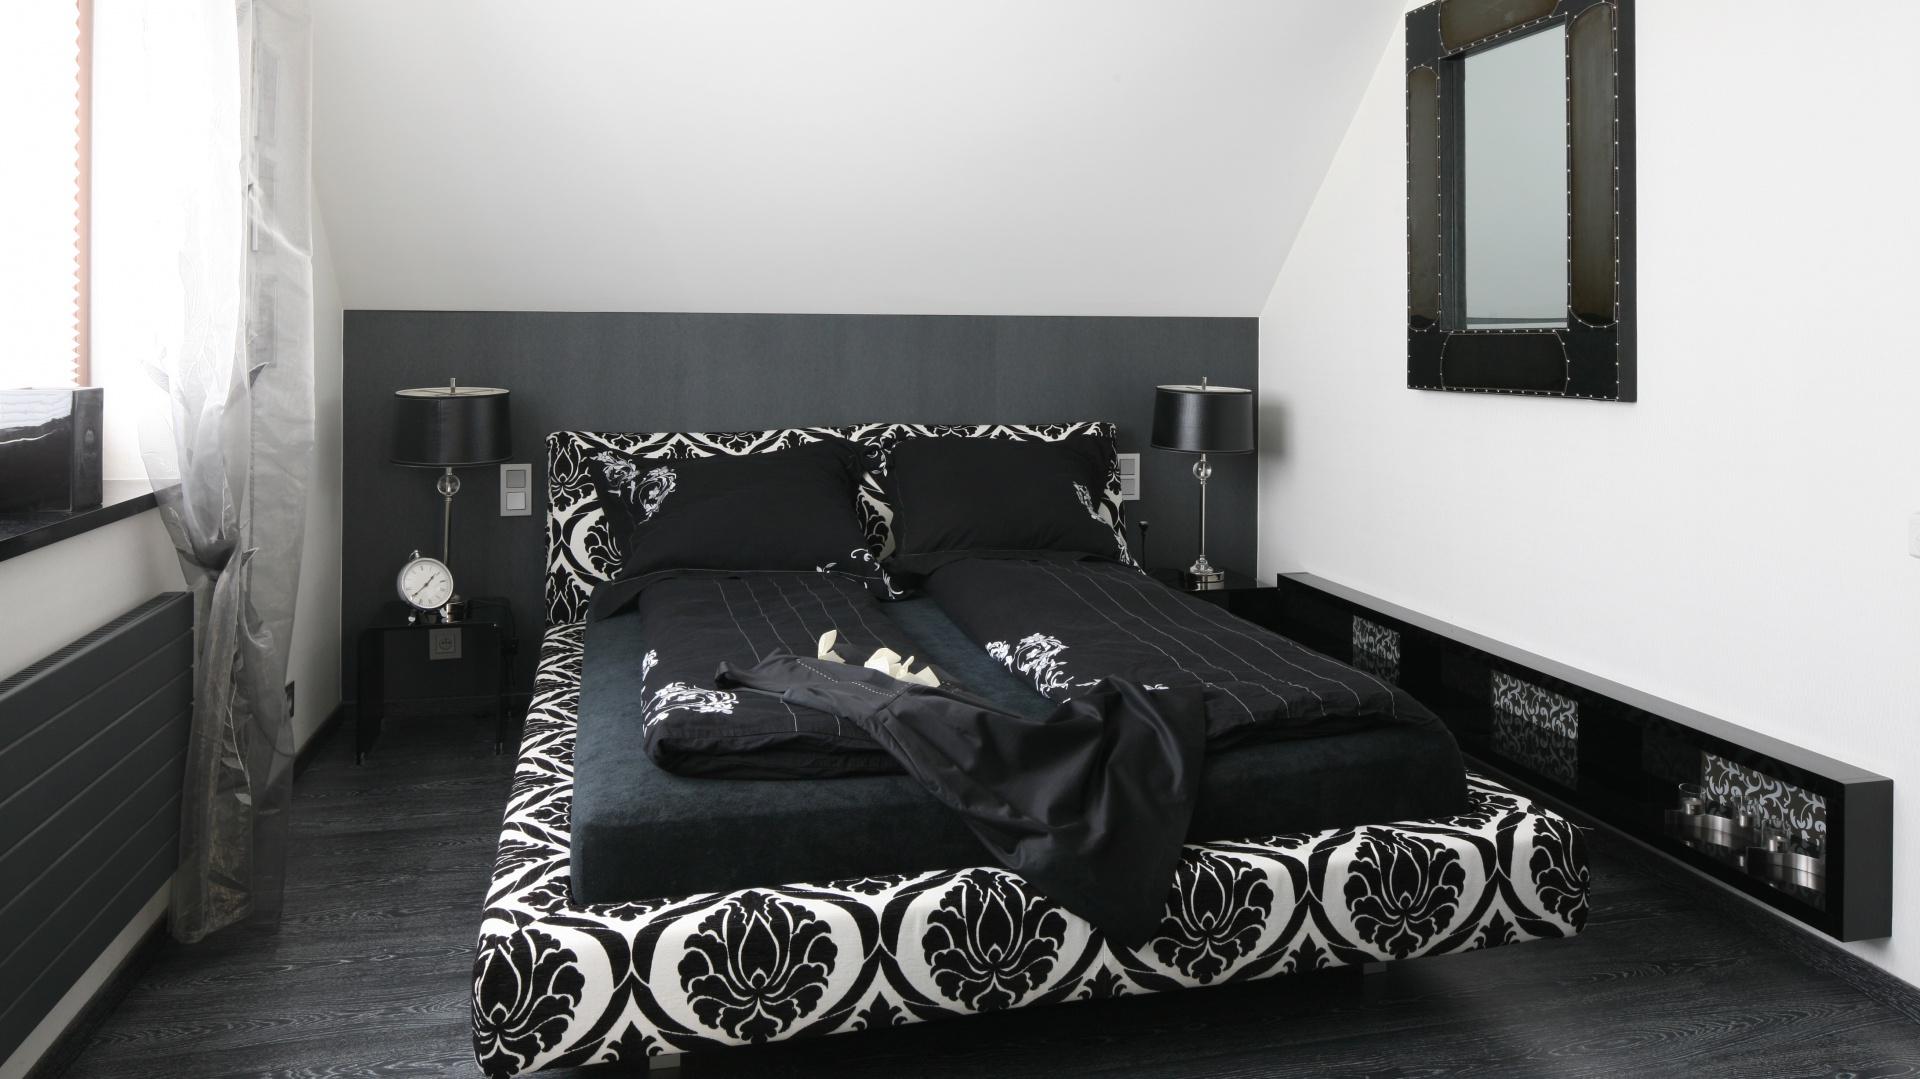 Modny duet czerni i bieli nadaje charakteru nowoczesnej sypialni. Chociaż wnętrze nie należy do dużych, uwzględniono w nim także łazienkę, schowaną za otwartą ścianą. Wchodzi się do niej bezpośrednio z sypialni. Projekt: Małgorzata Borzyszkowska. Fot. Bartosz Jarosz.